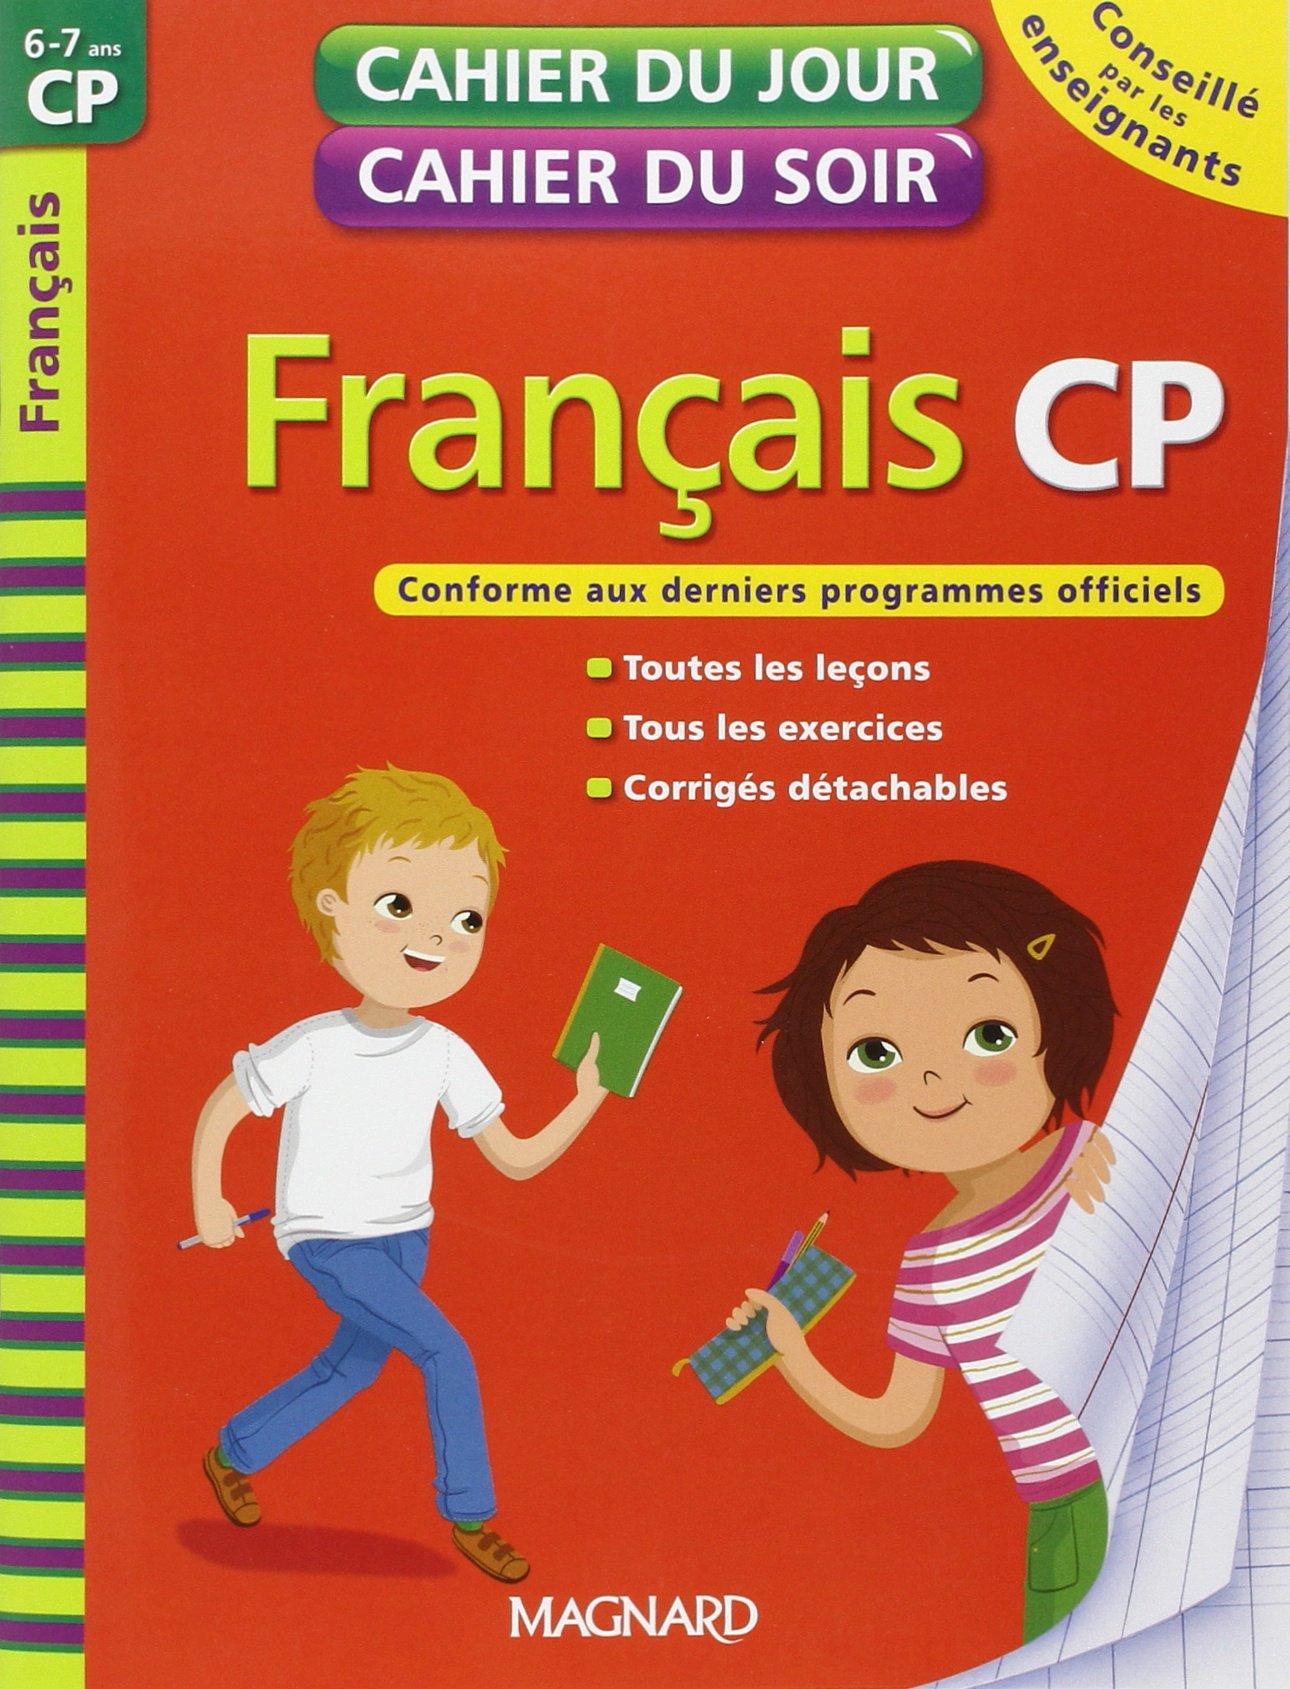 Français CP - Cahier du jour, cahier du soir /6-7 ans